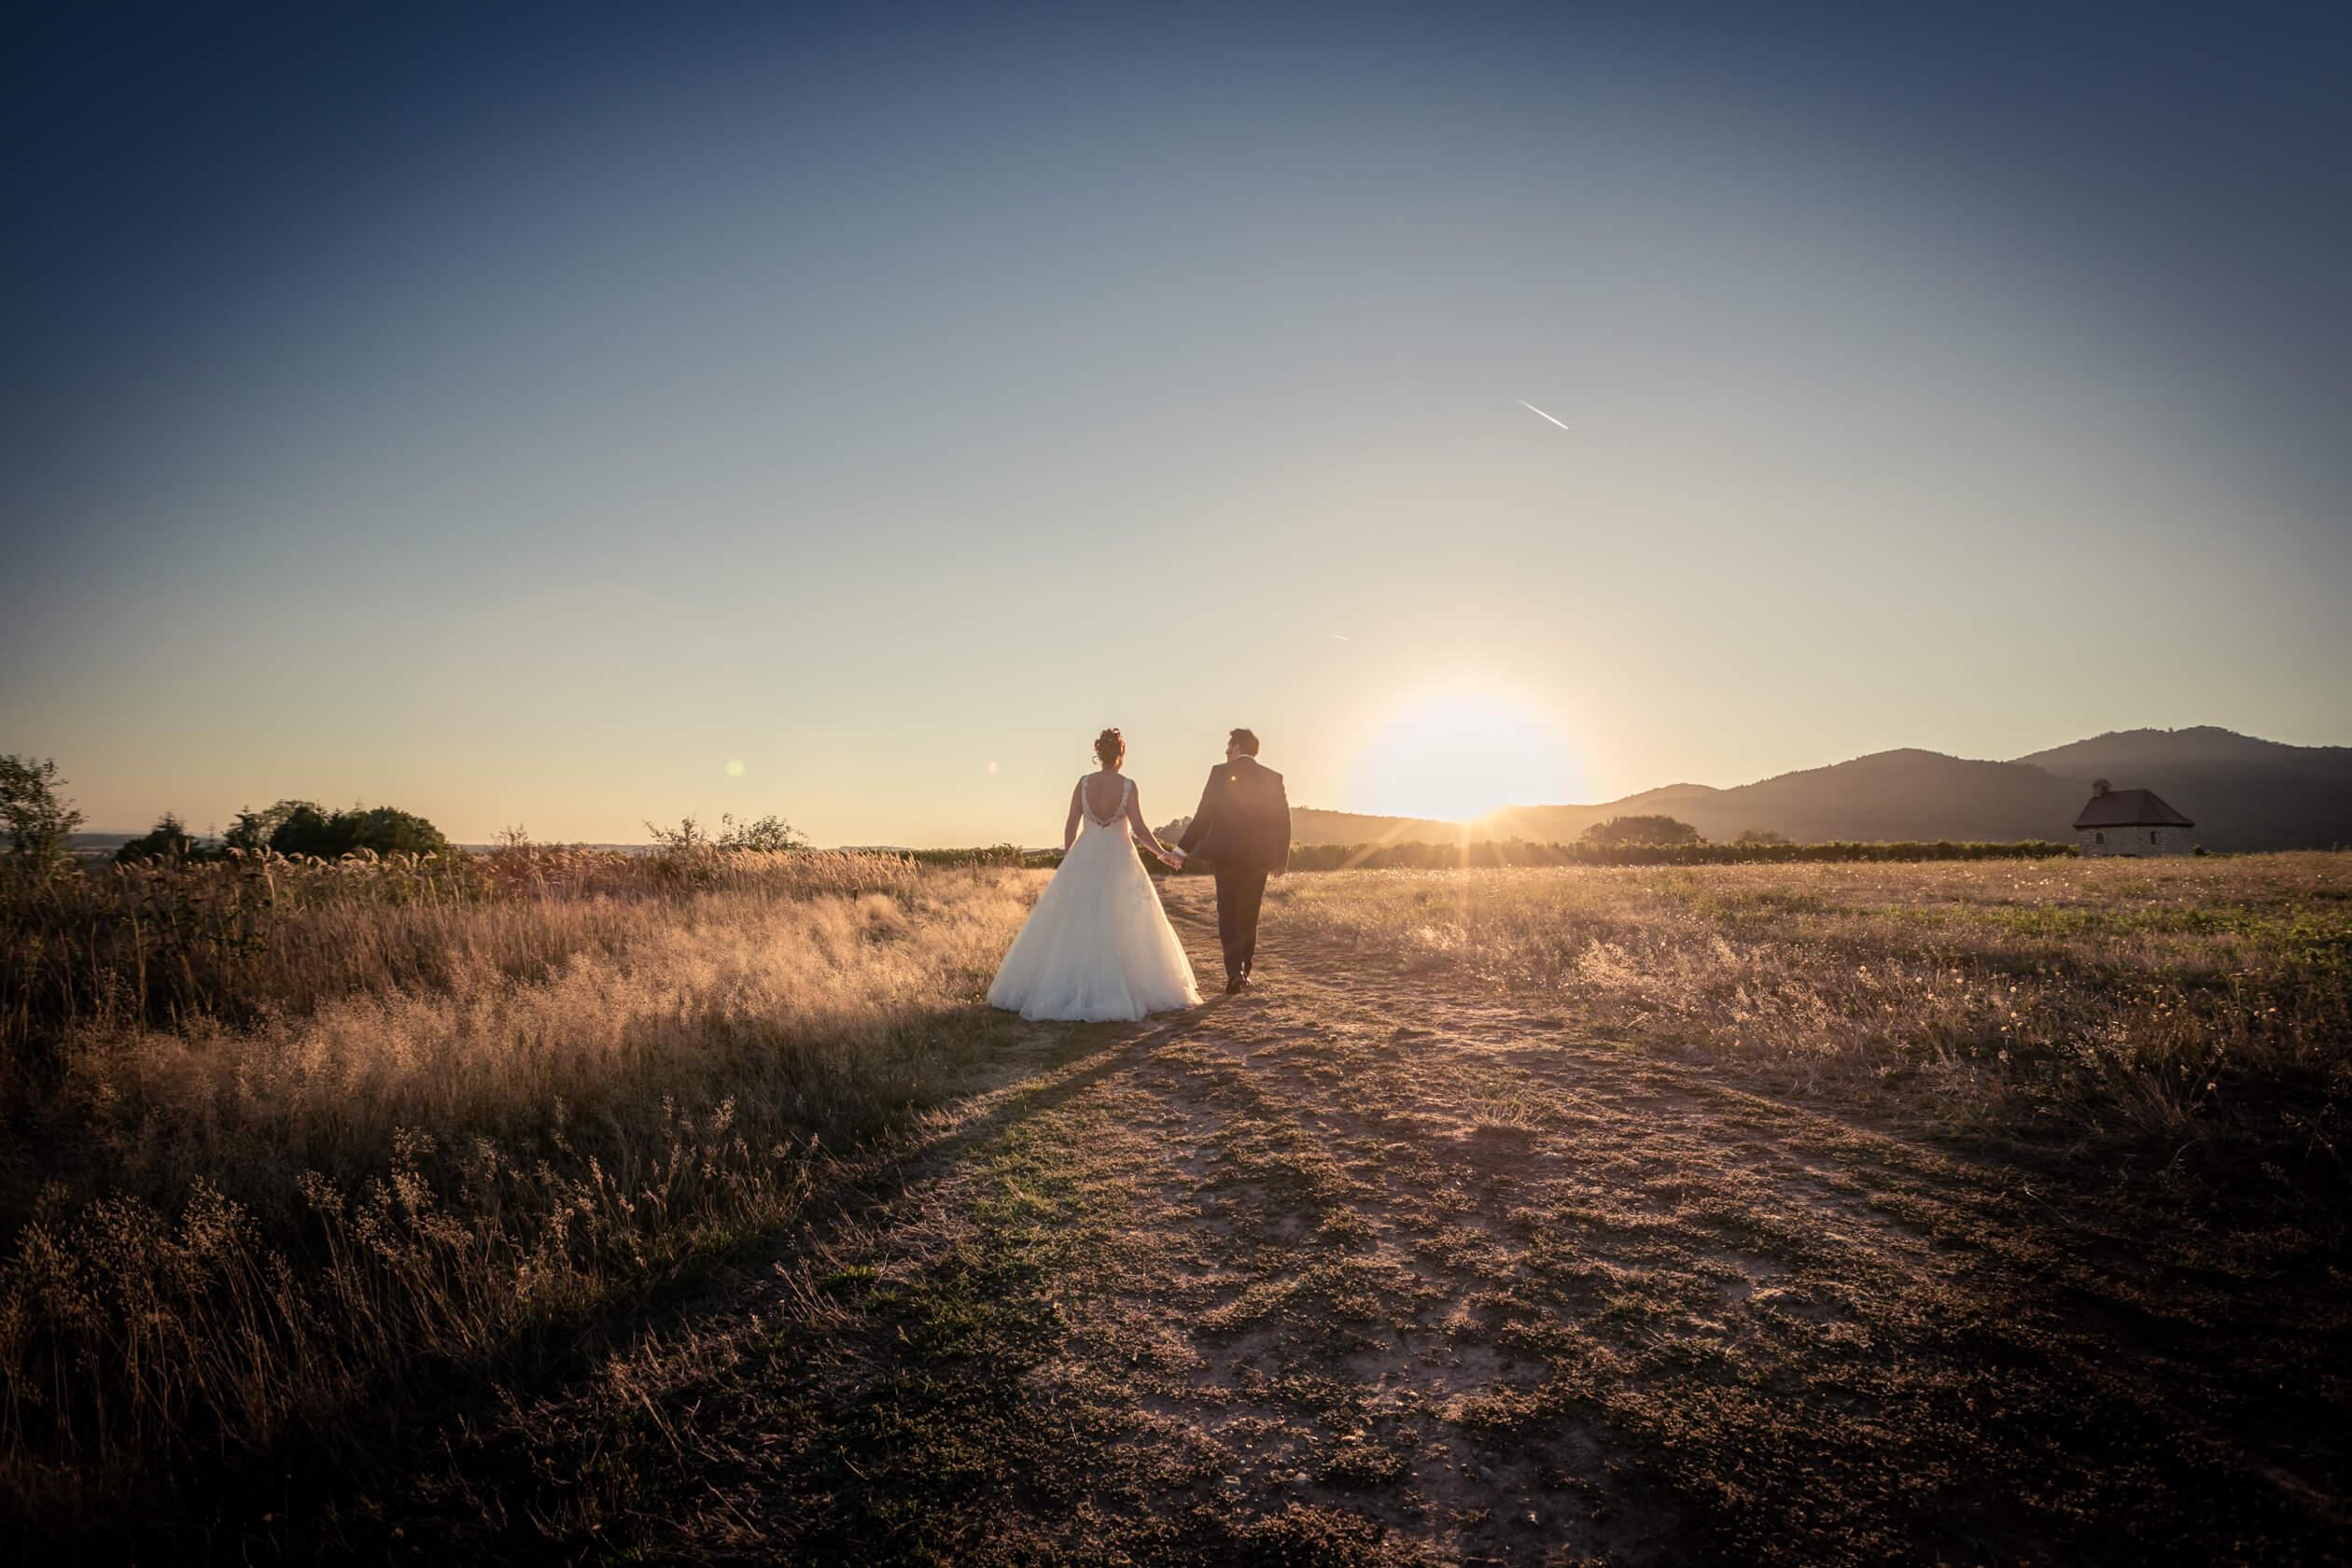 séance photo au coleil couchant en Alsace, mariage en Alsace